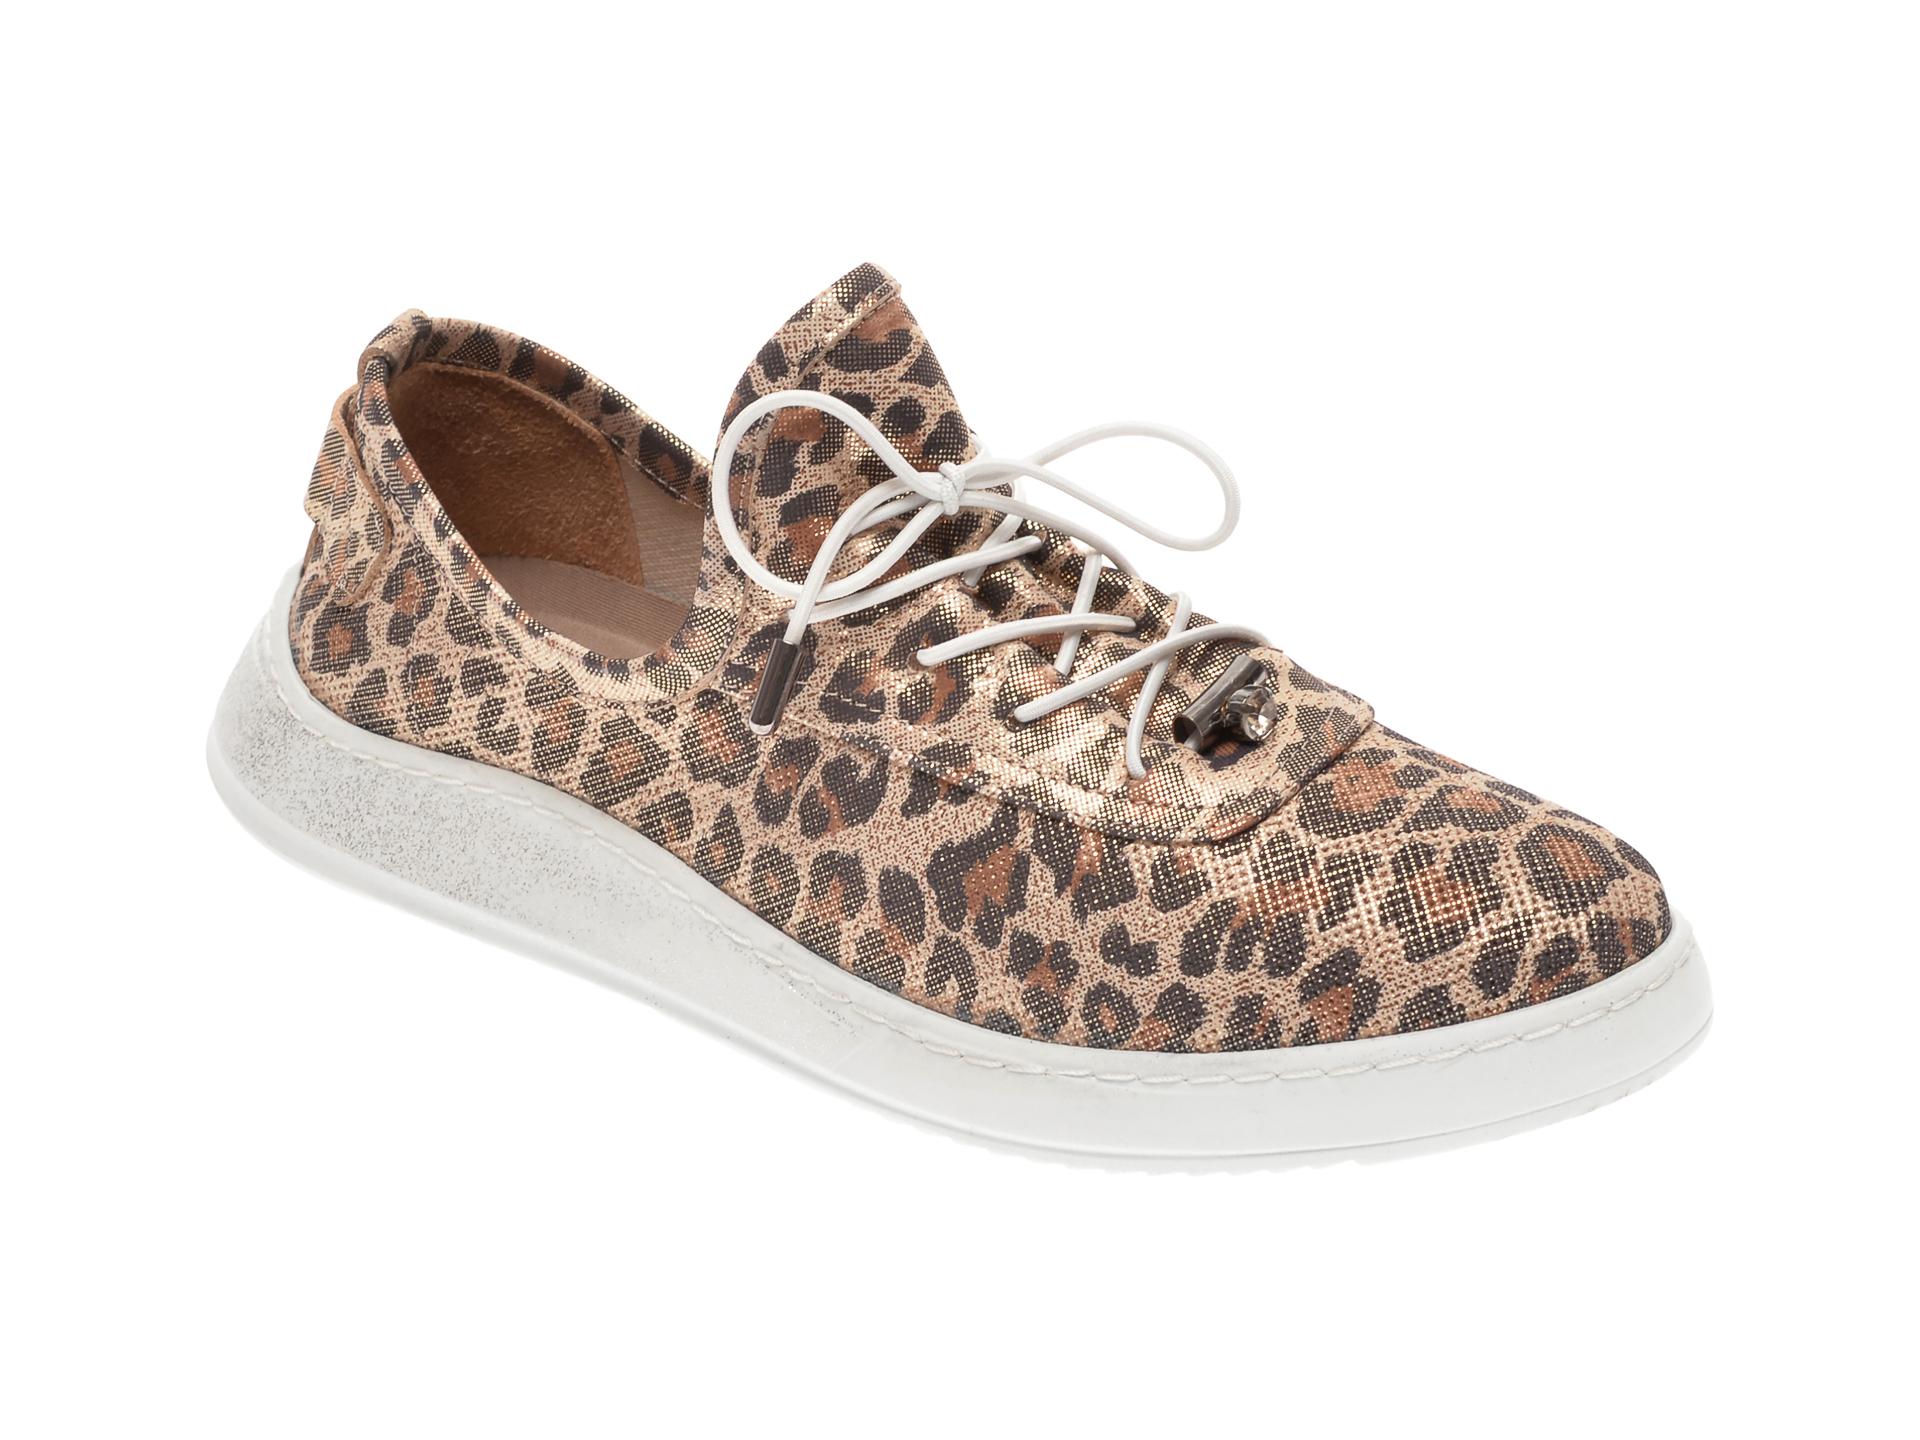 Pantofi BABOOS multicolor, 0908, din piele naturala